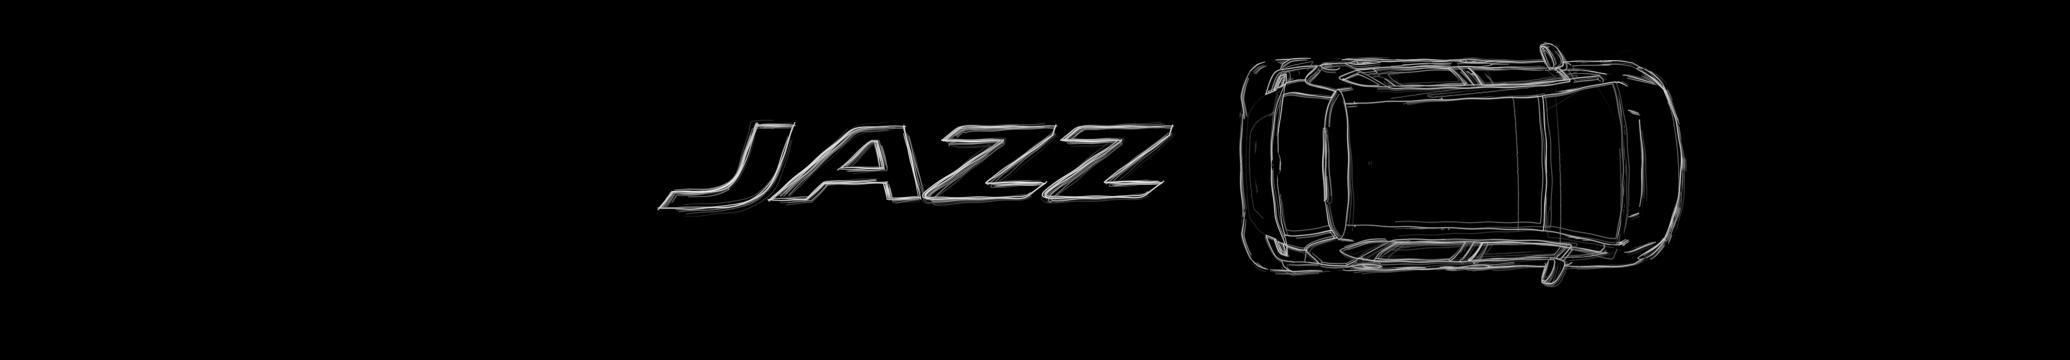 Jazz_v005